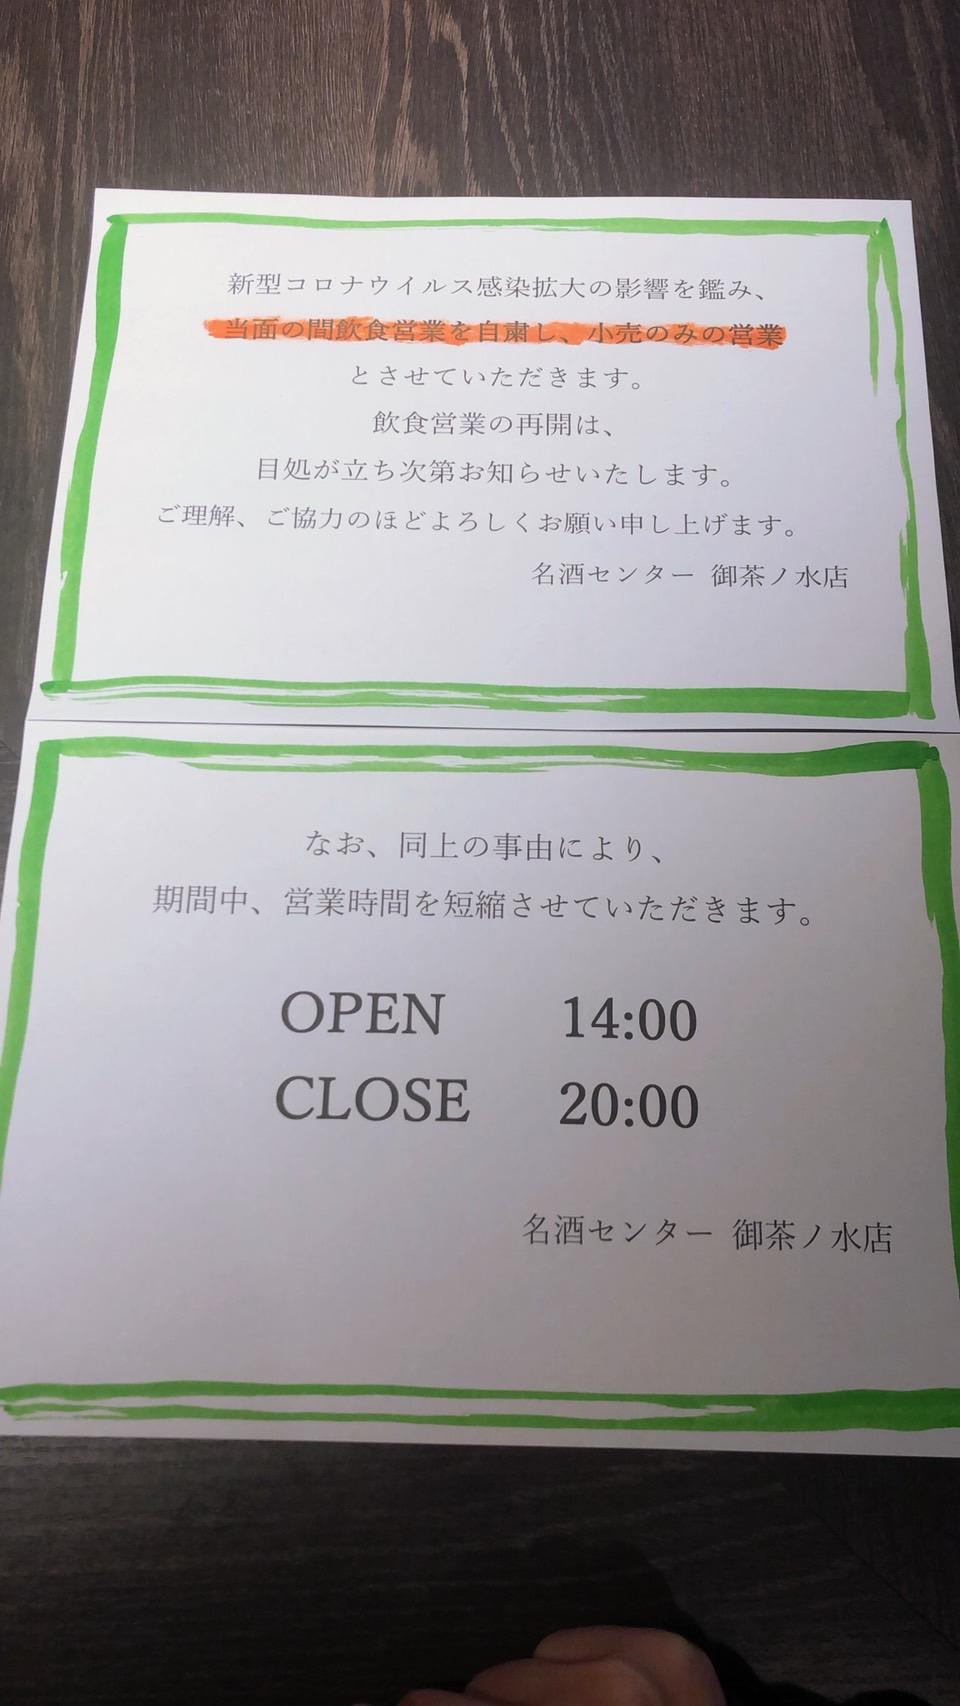 御茶ノ水店飲食営業について